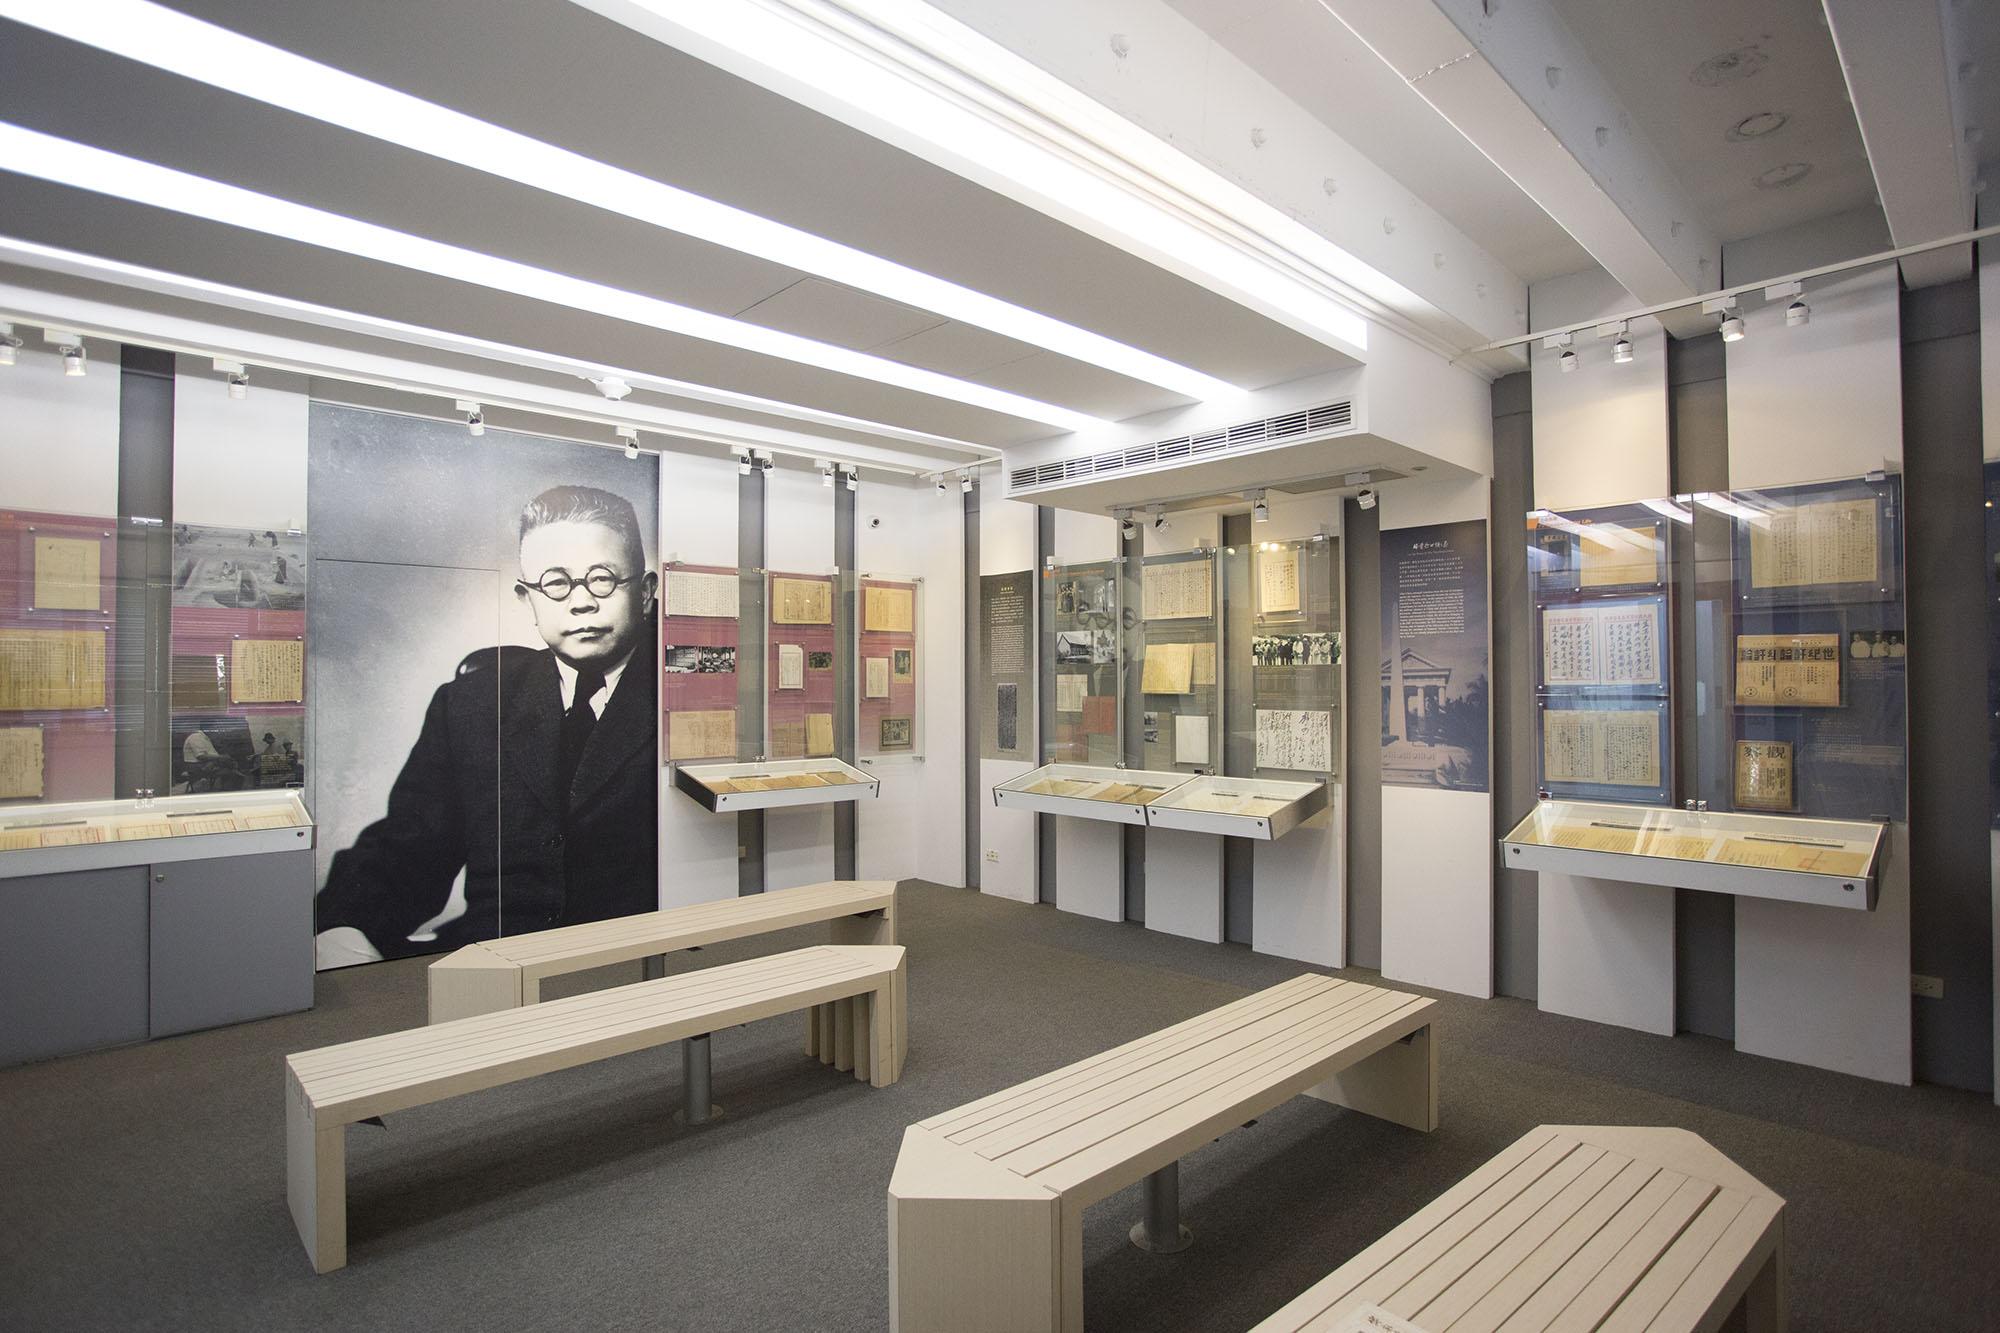 2018 年 10 月,中研院史語所將迎接創所 90 週年。傅斯年紀念室,正展出傅斯年一生的相片、手稿,包含:和好友徐志摩、胡適往來的書信,與蔣介石、毛澤東的合照等等。圖│研之有物